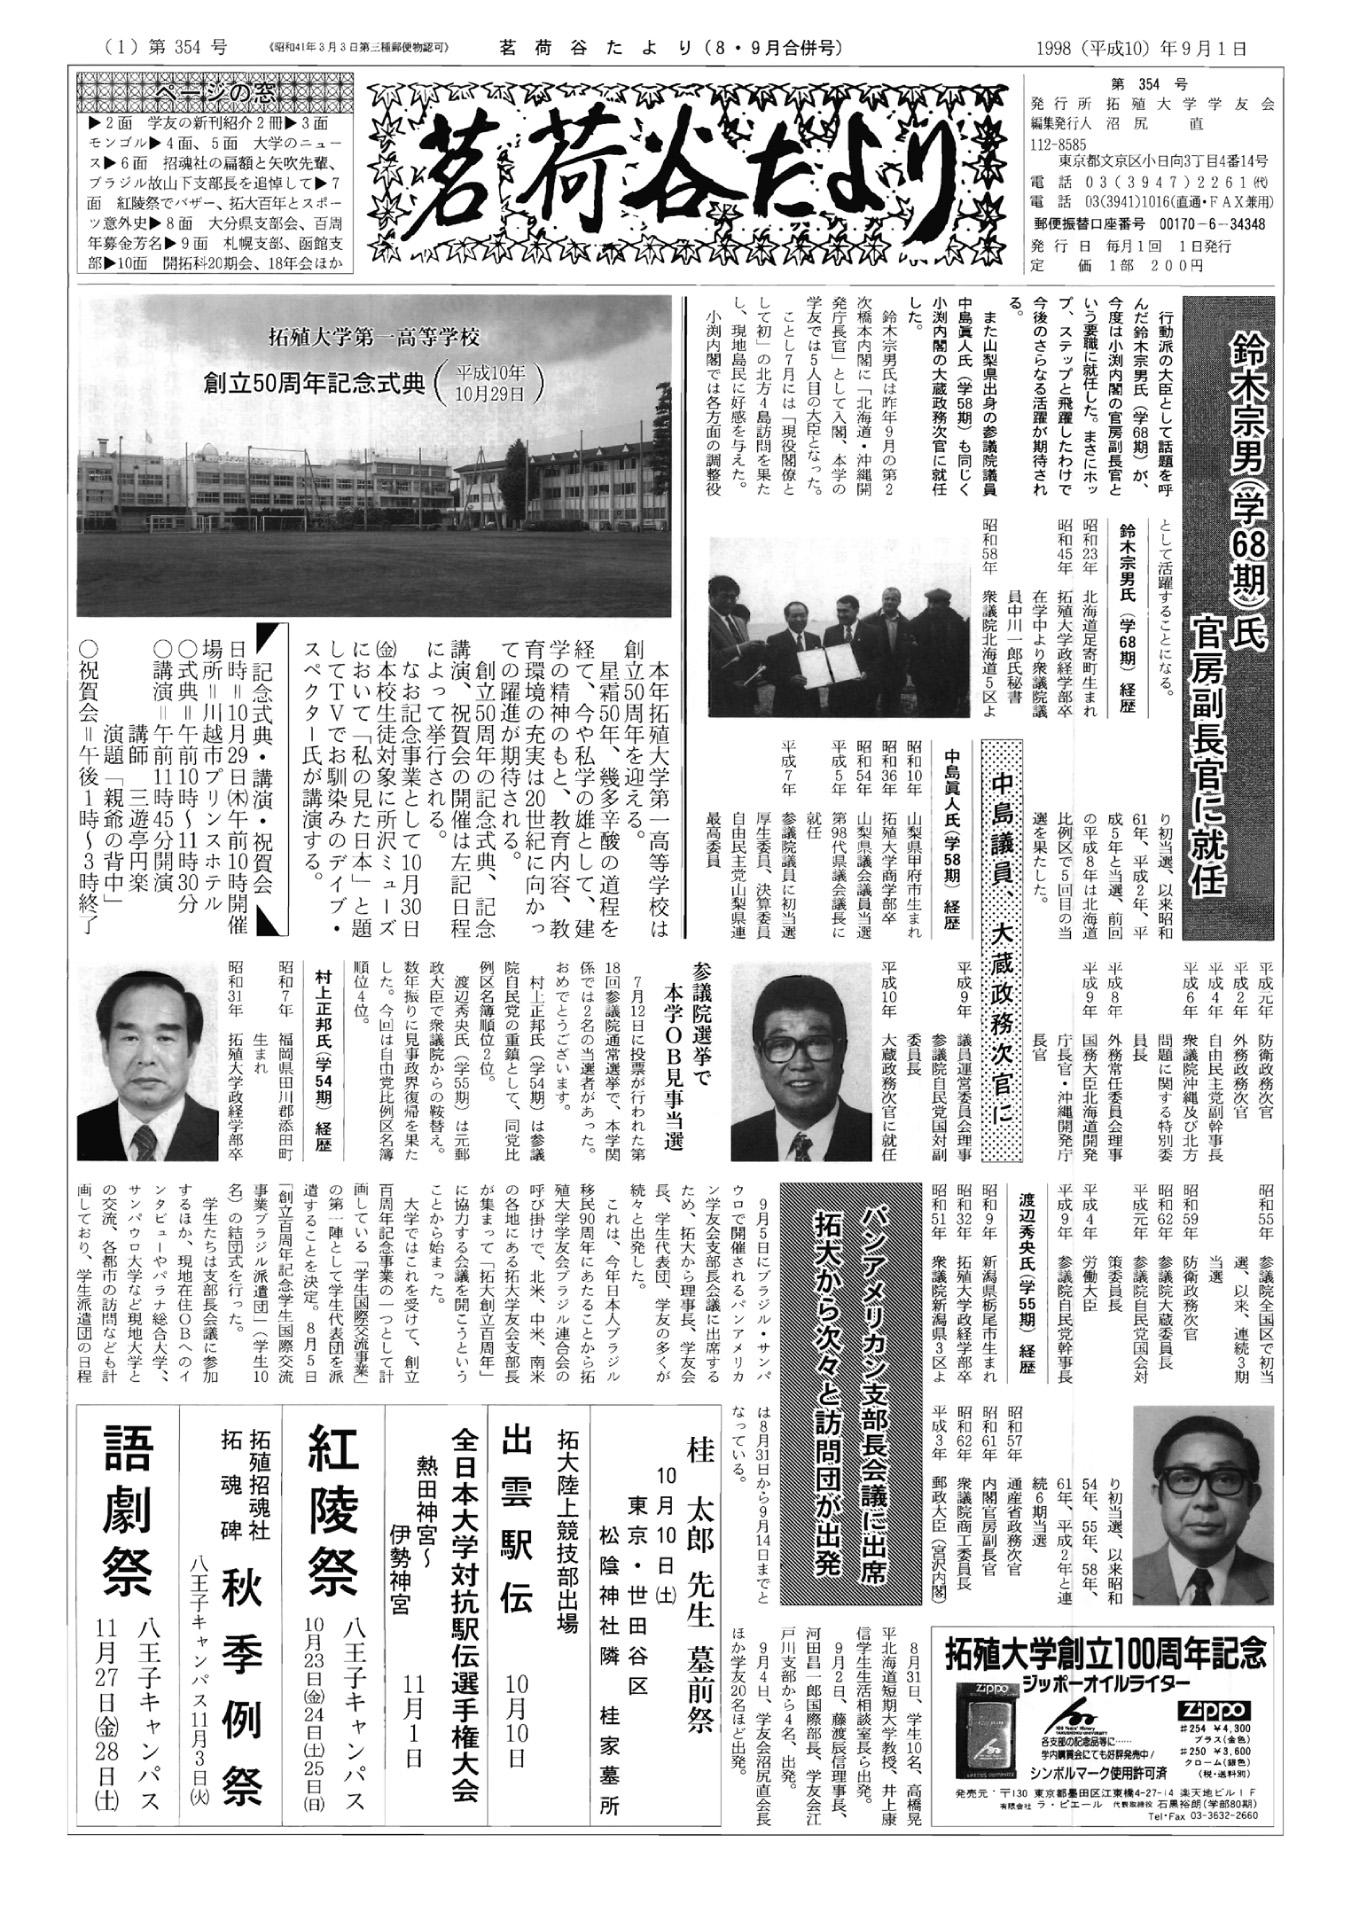 茗荷谷たより8・9月合併号(第354号)表紙